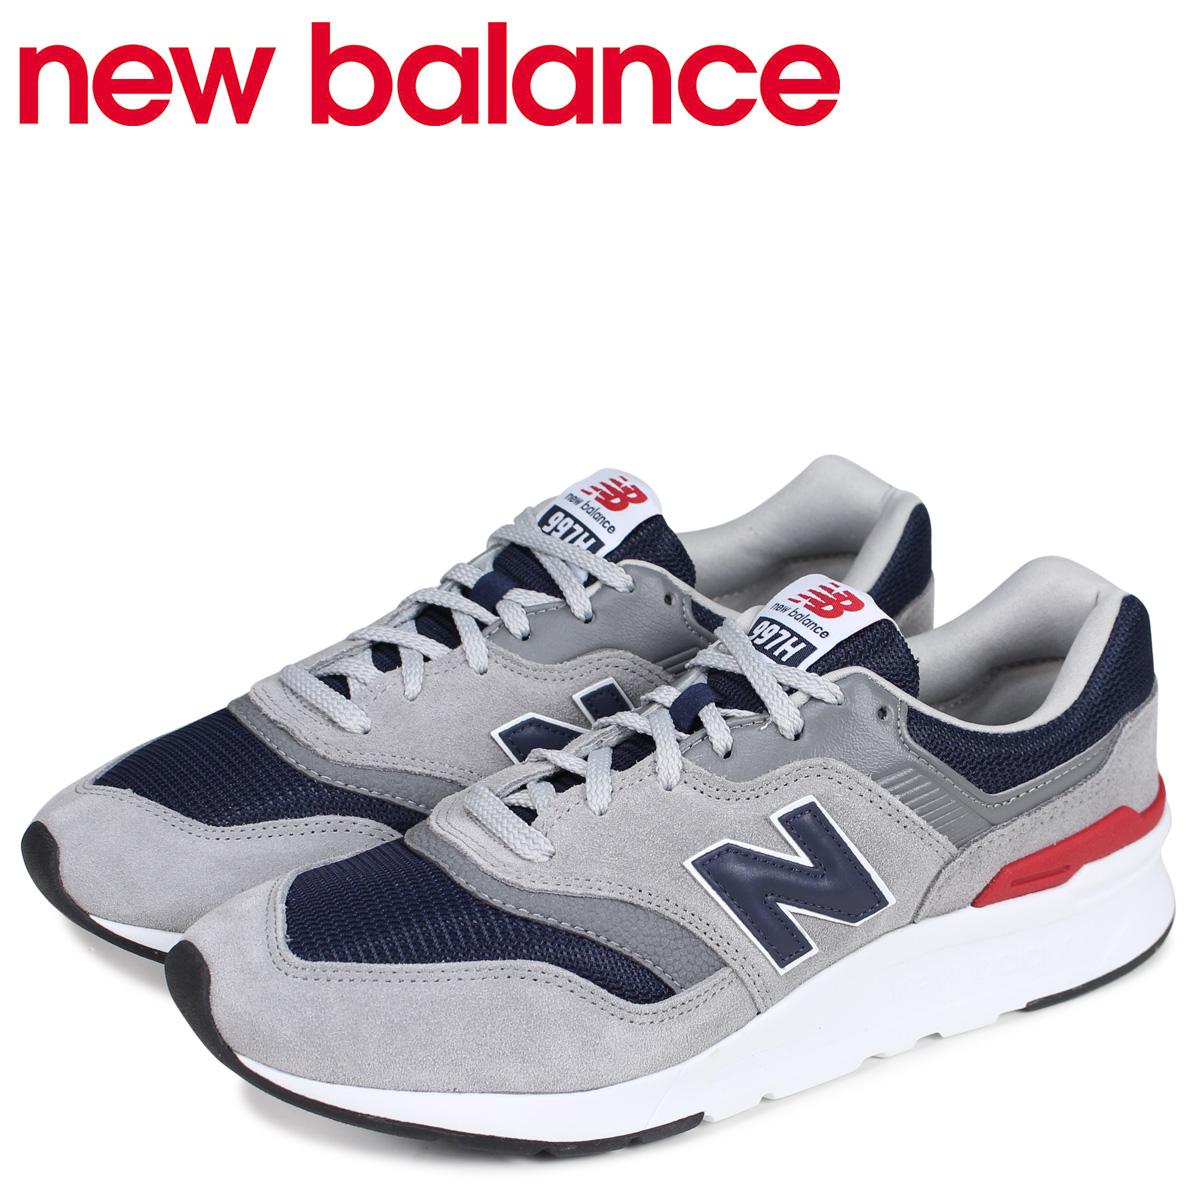 new balance ニューバランス 997 スニーカー メンズ Dワイズ グレー CM997HCJ